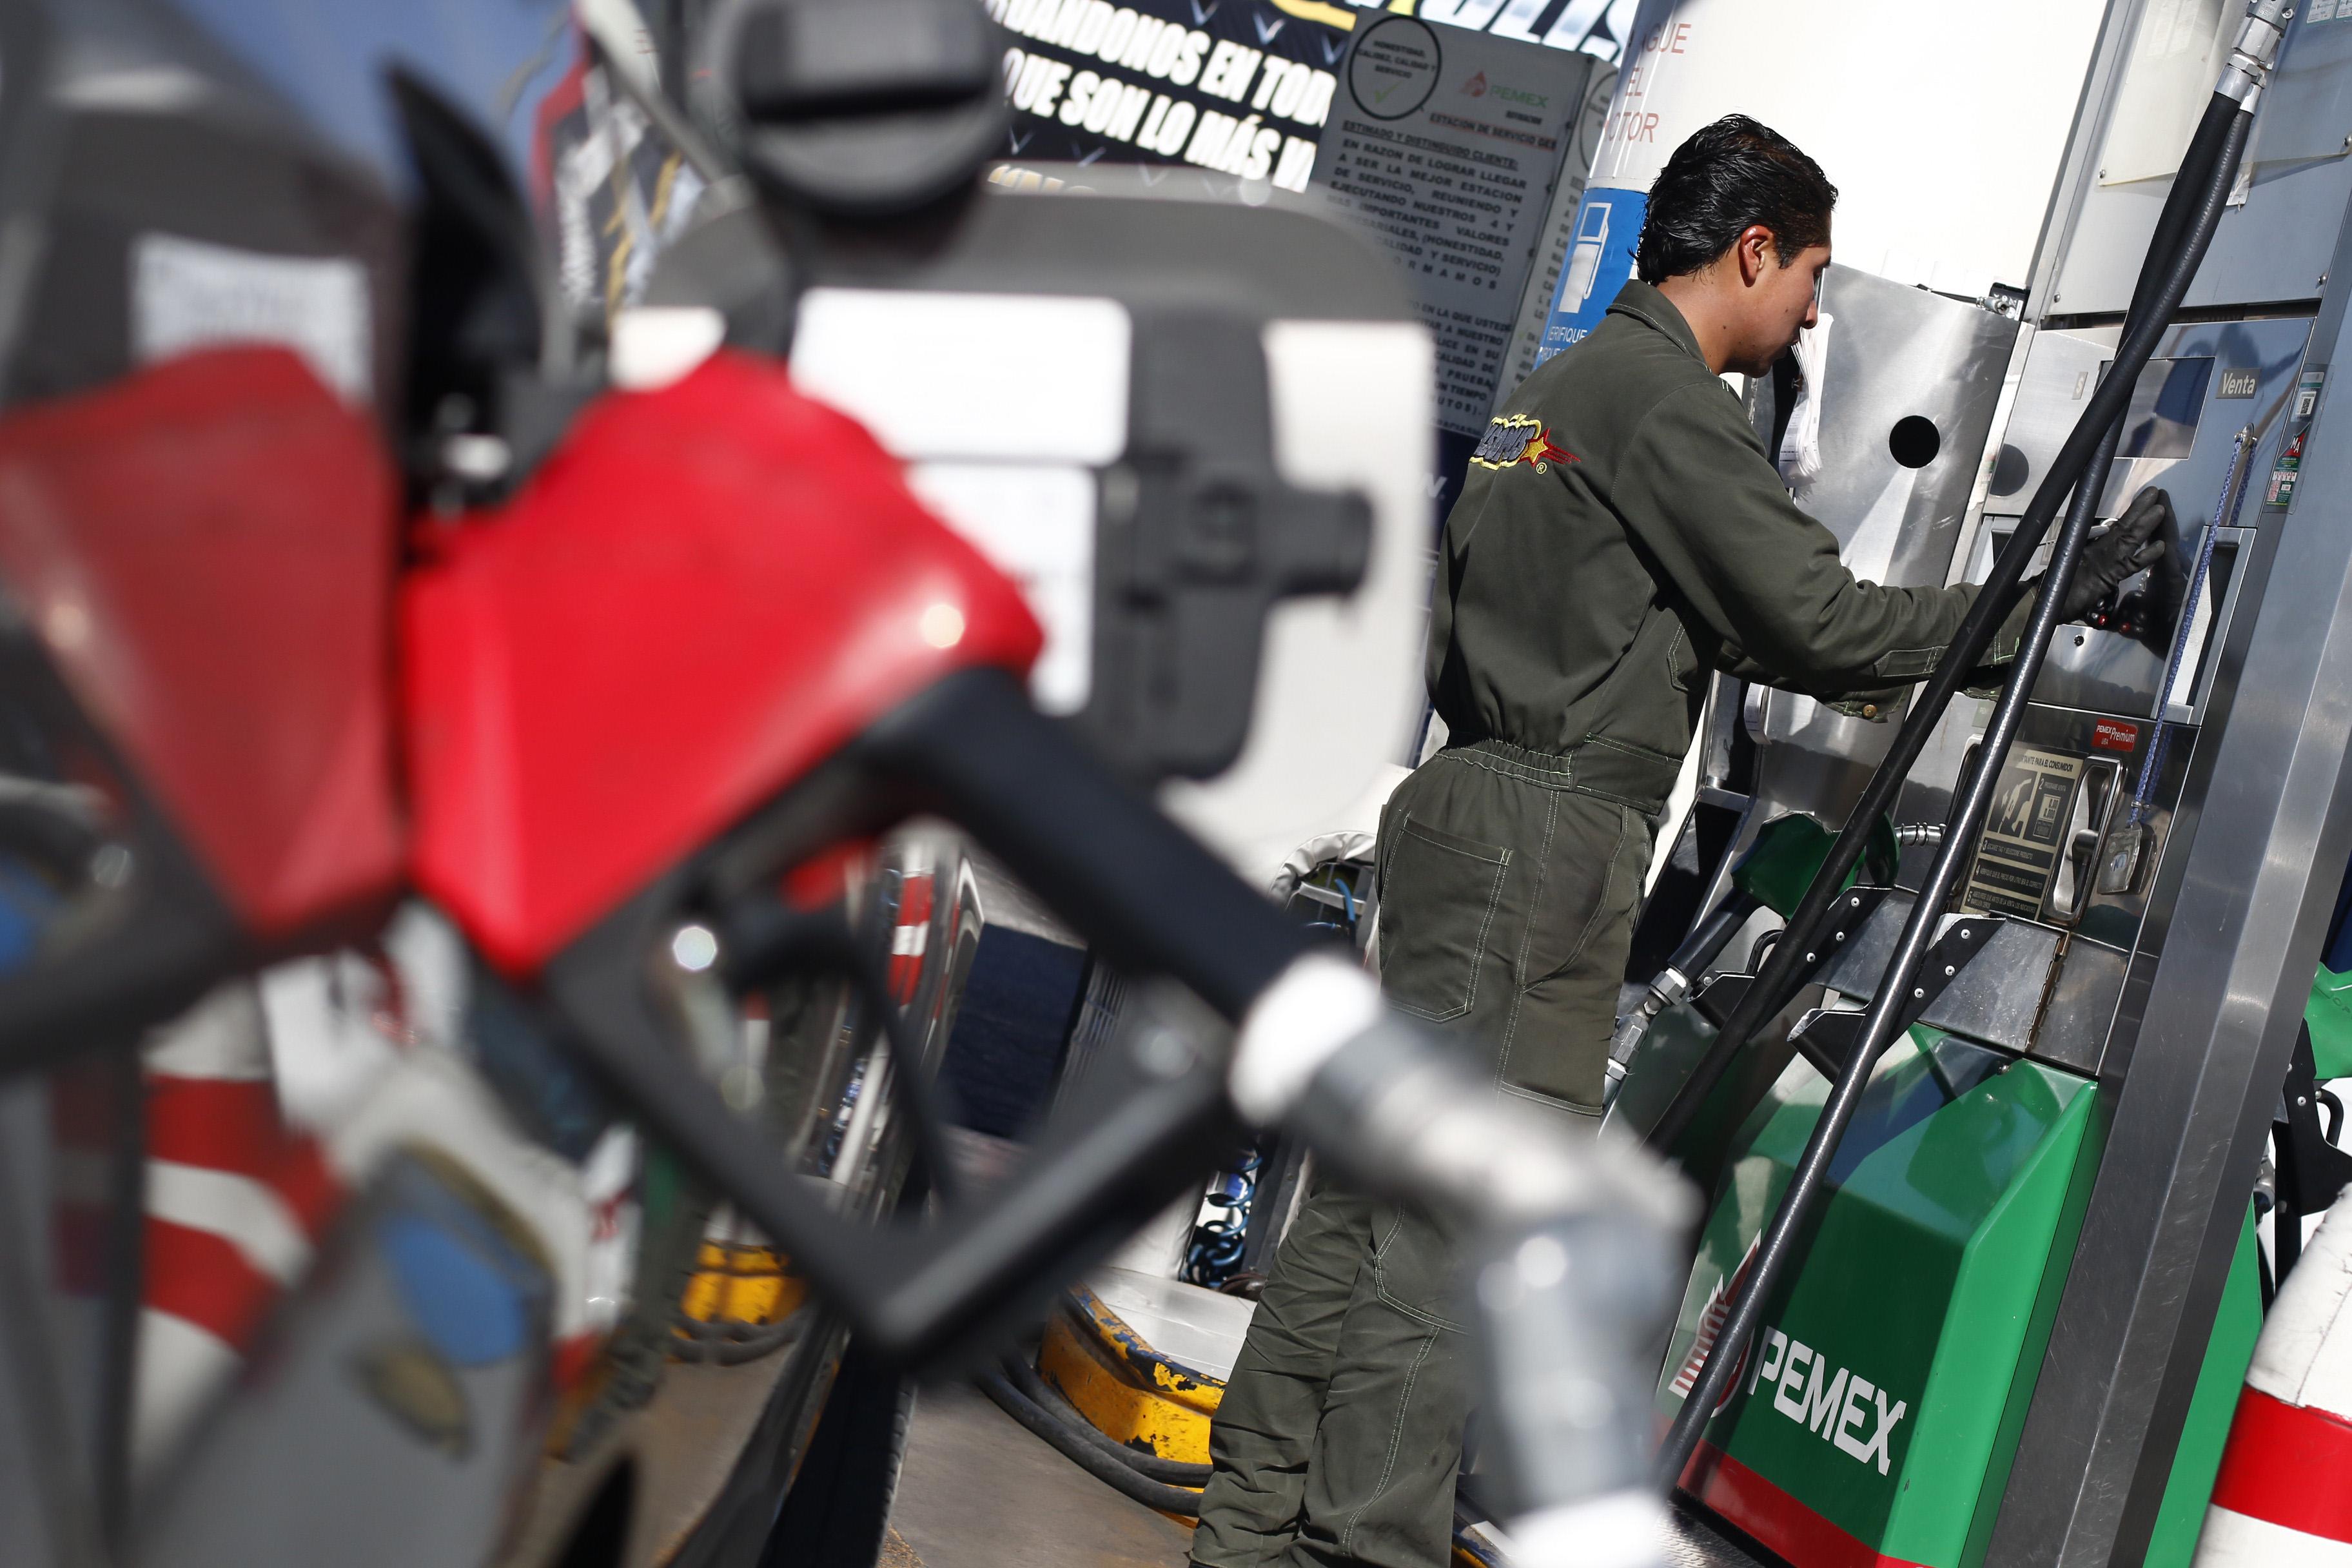 En indefensión laboral, miles de empleados de gasolinerías